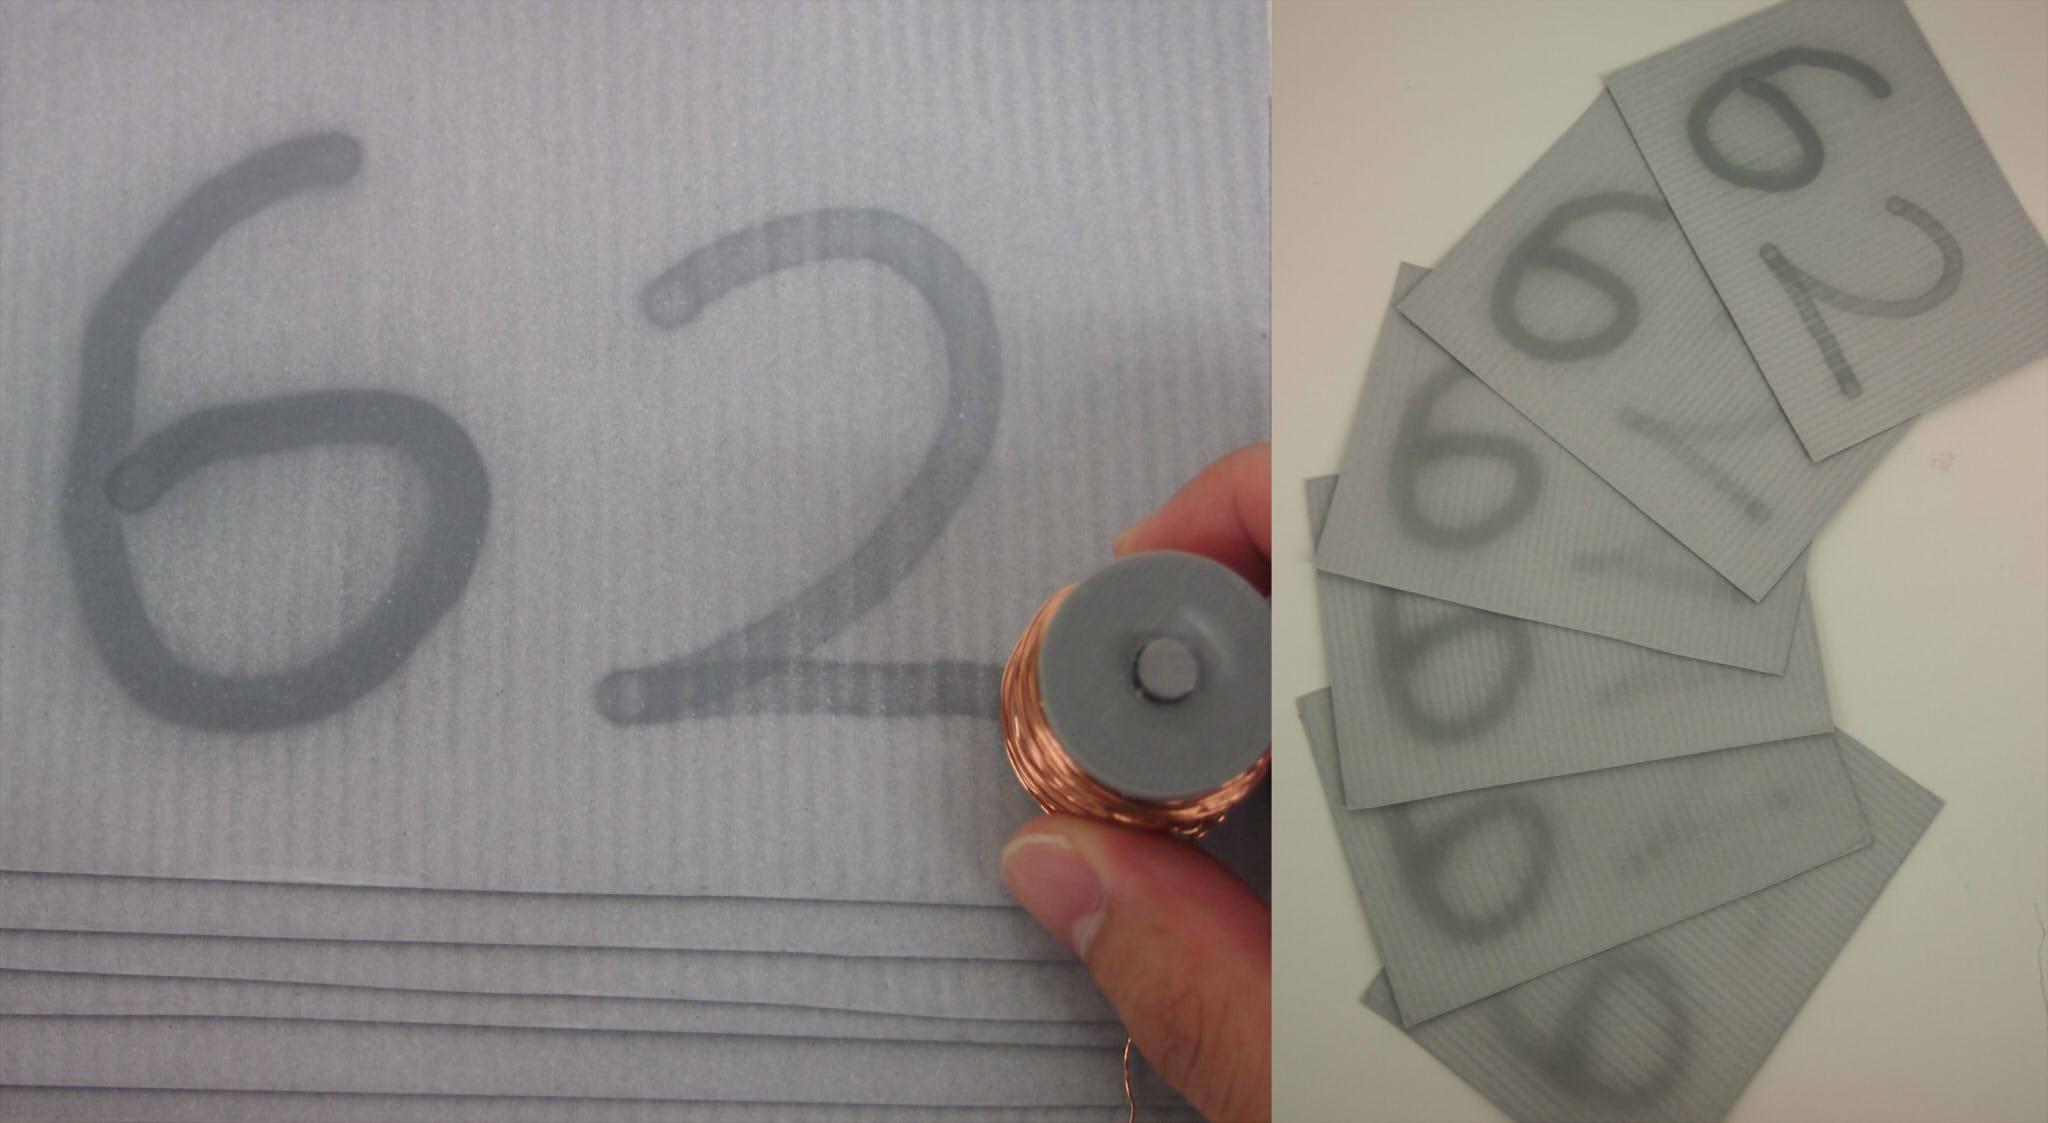 磁性シートの磁力制御に基づく積層させた複数紙面への同時描画システムのメイン画像